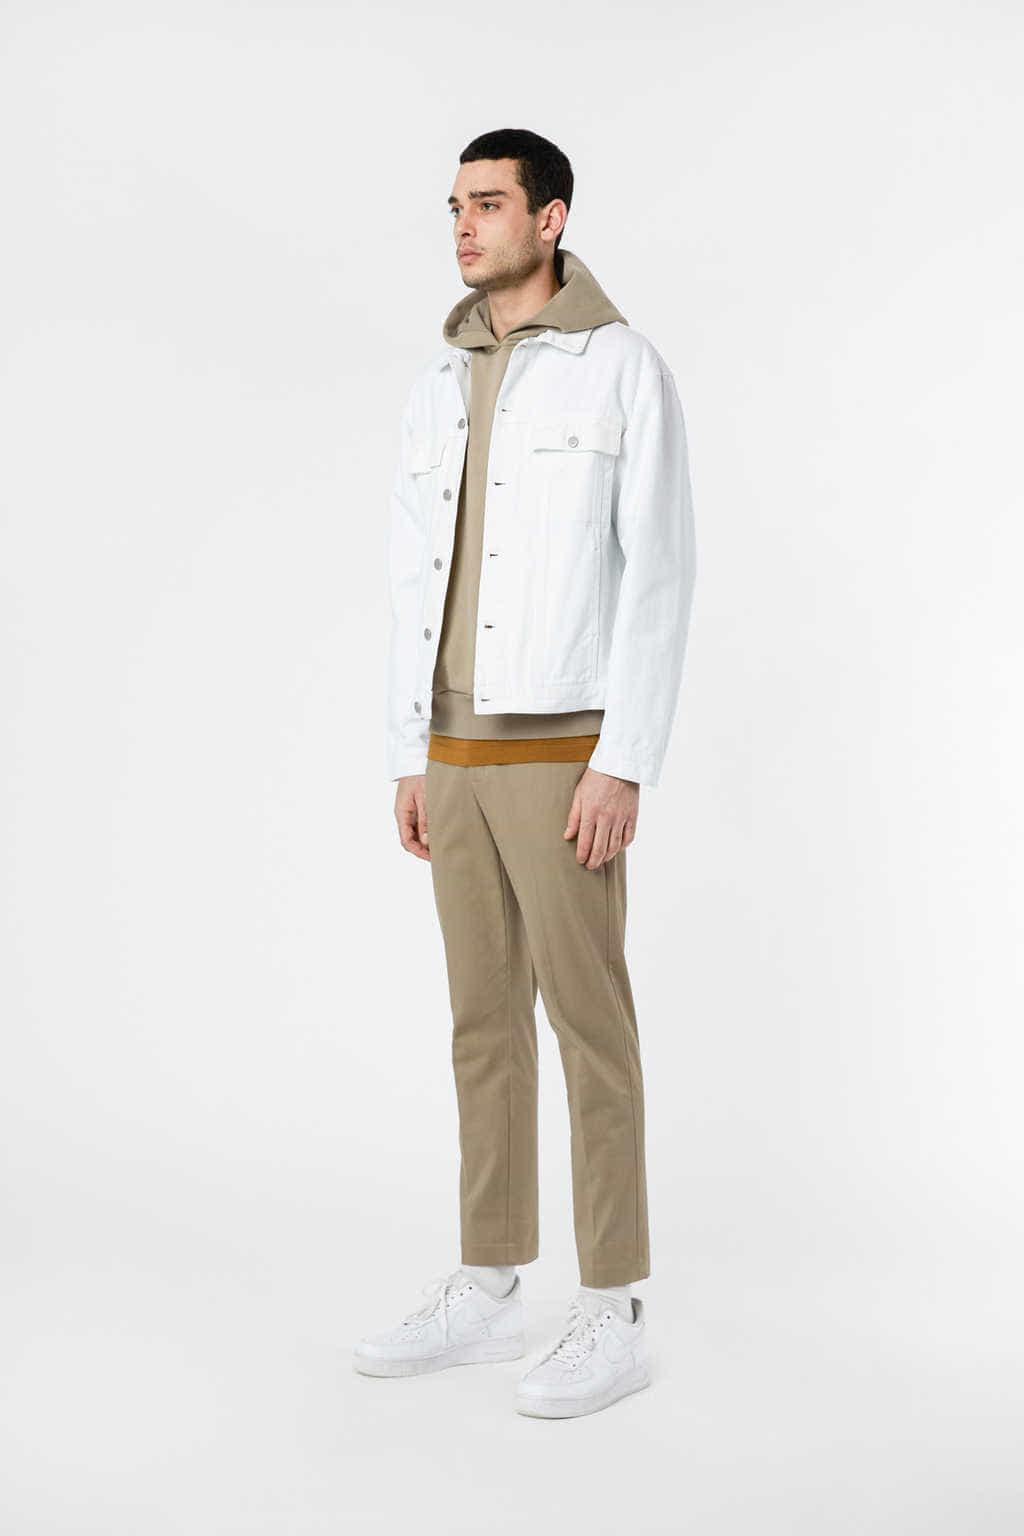 Denim Jacket 3318 White 20